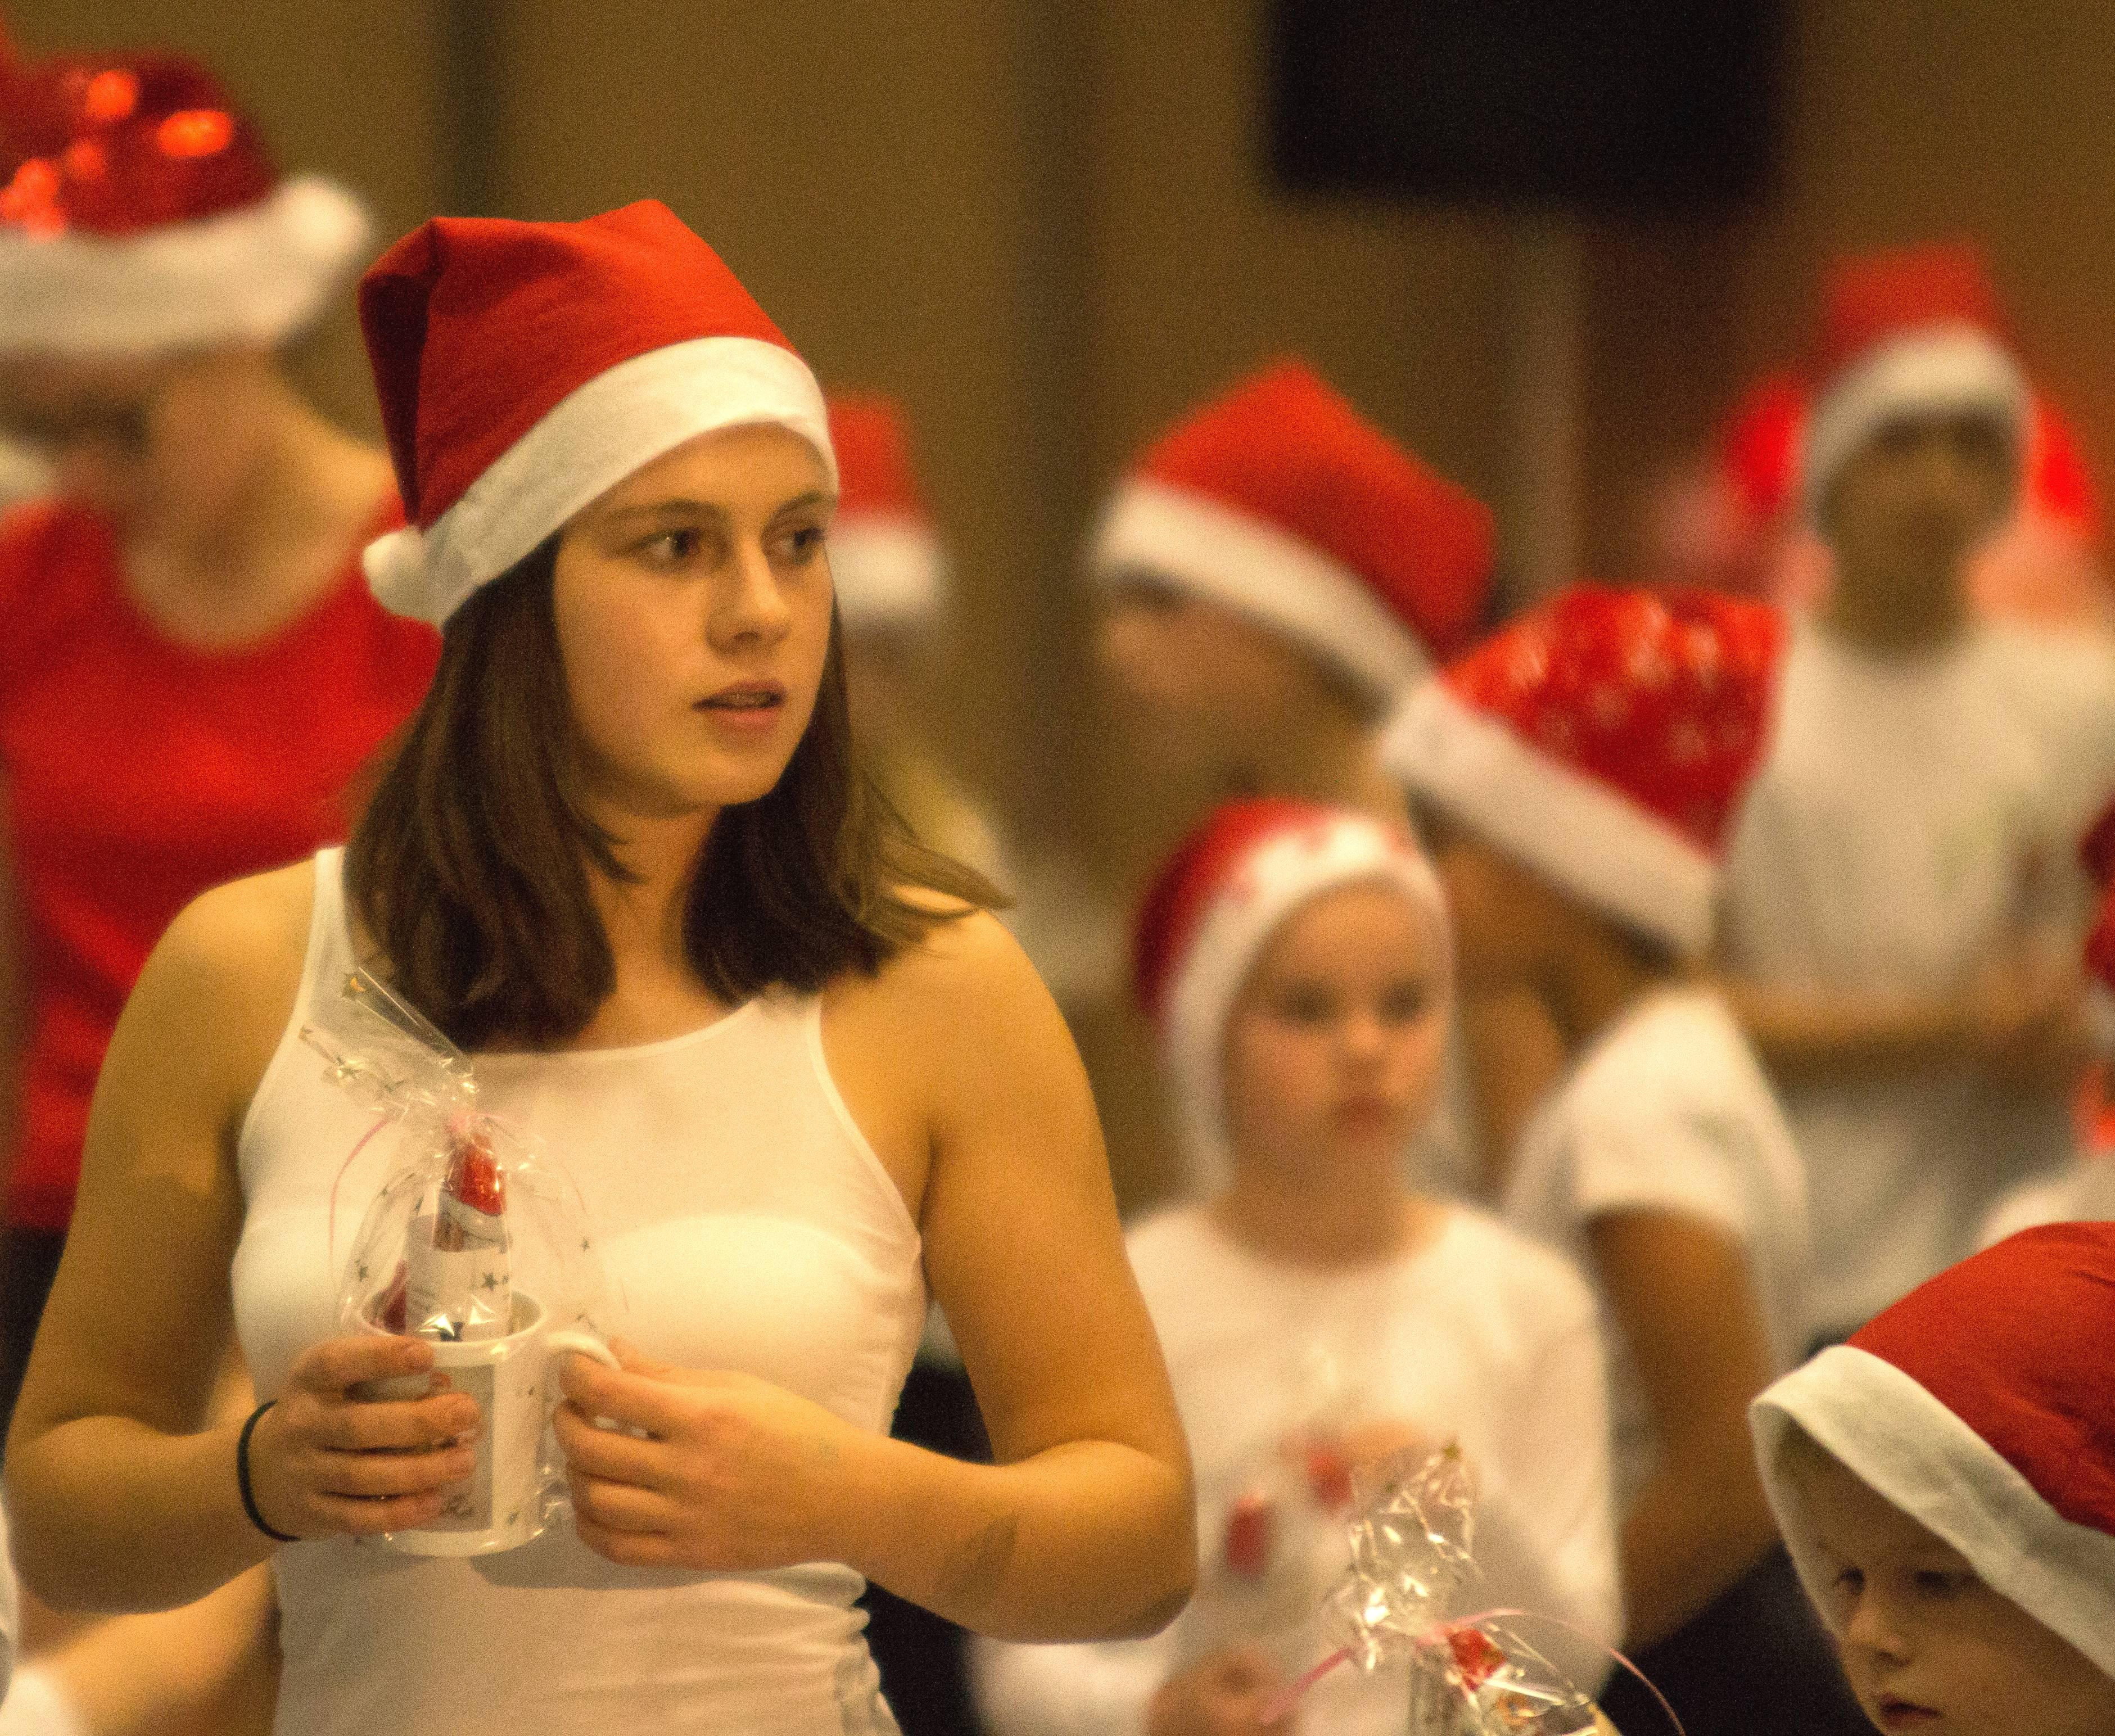 Luisa mit roter Mütze